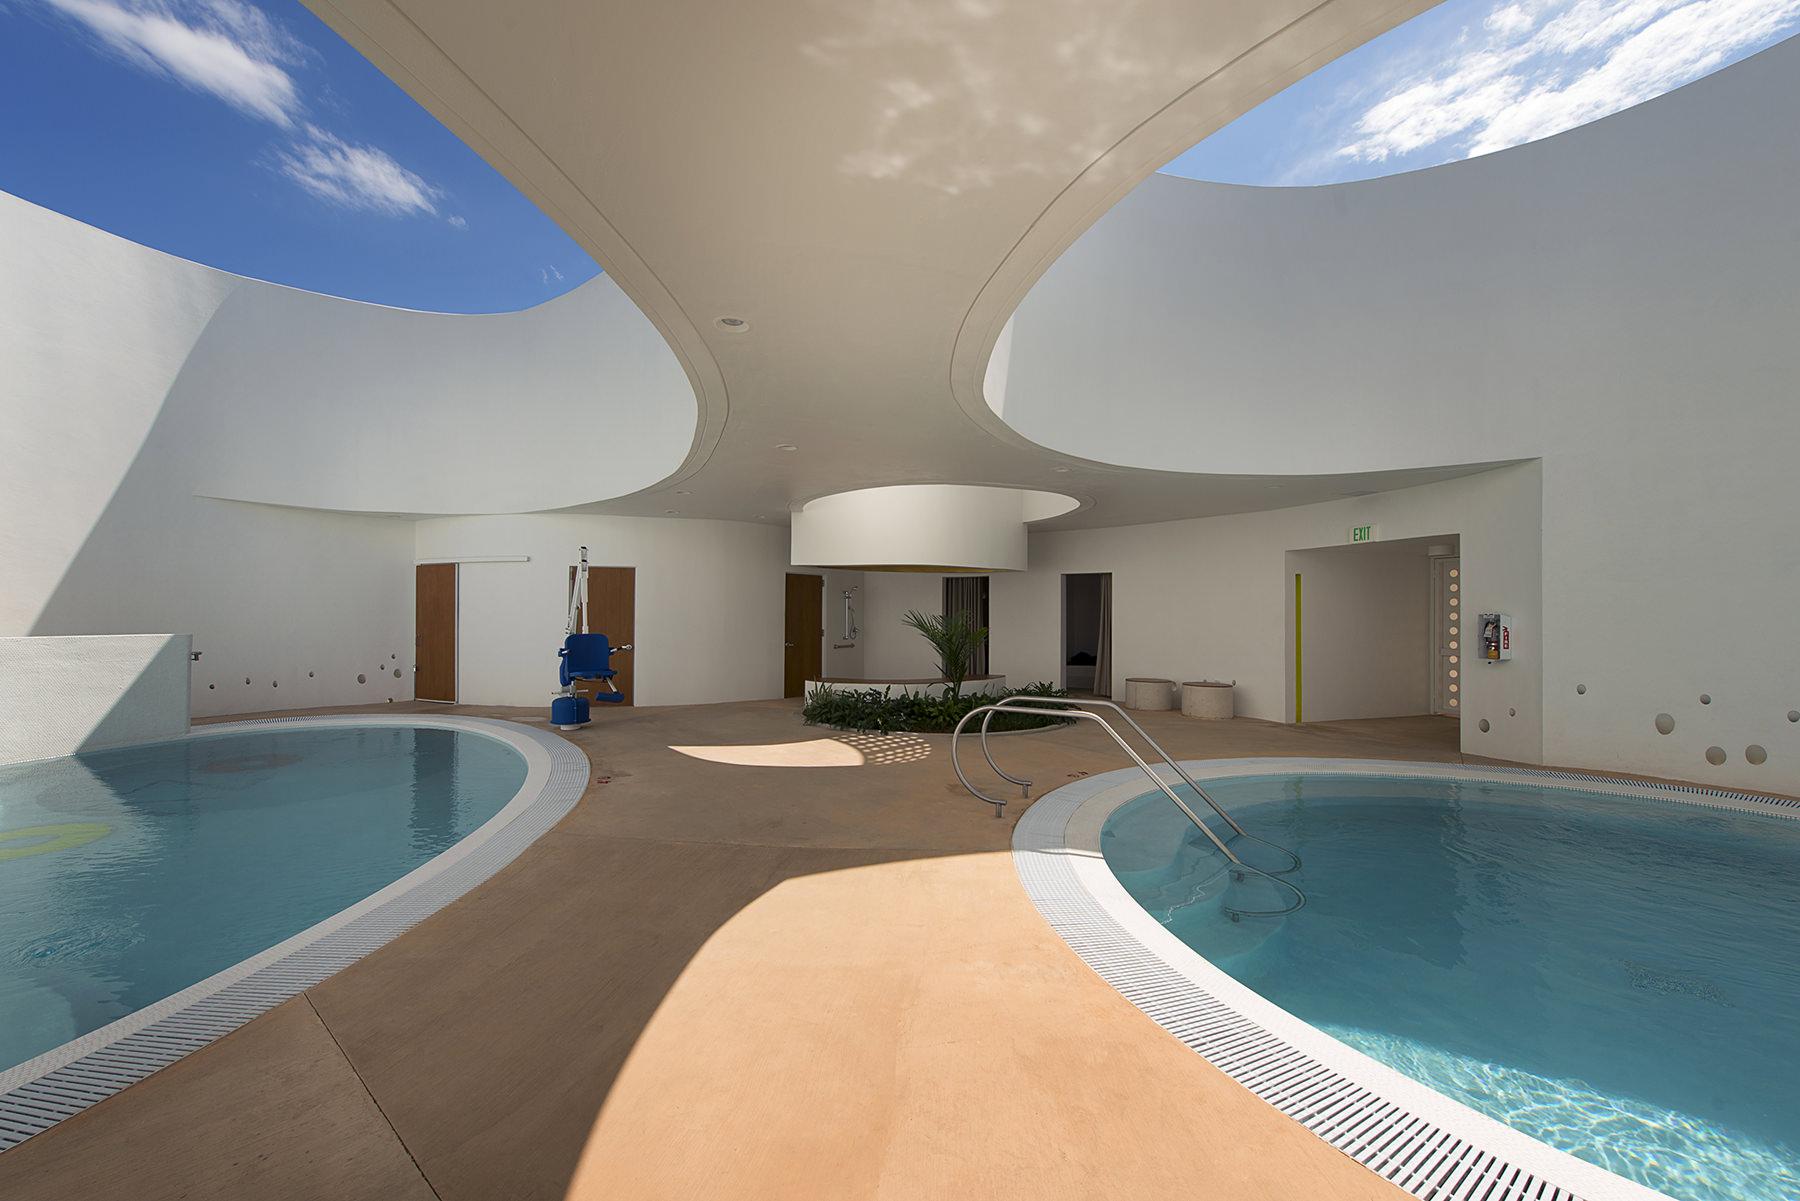 piscinas terapeuticas la esperanza san juan puerto rico interior view.jpg